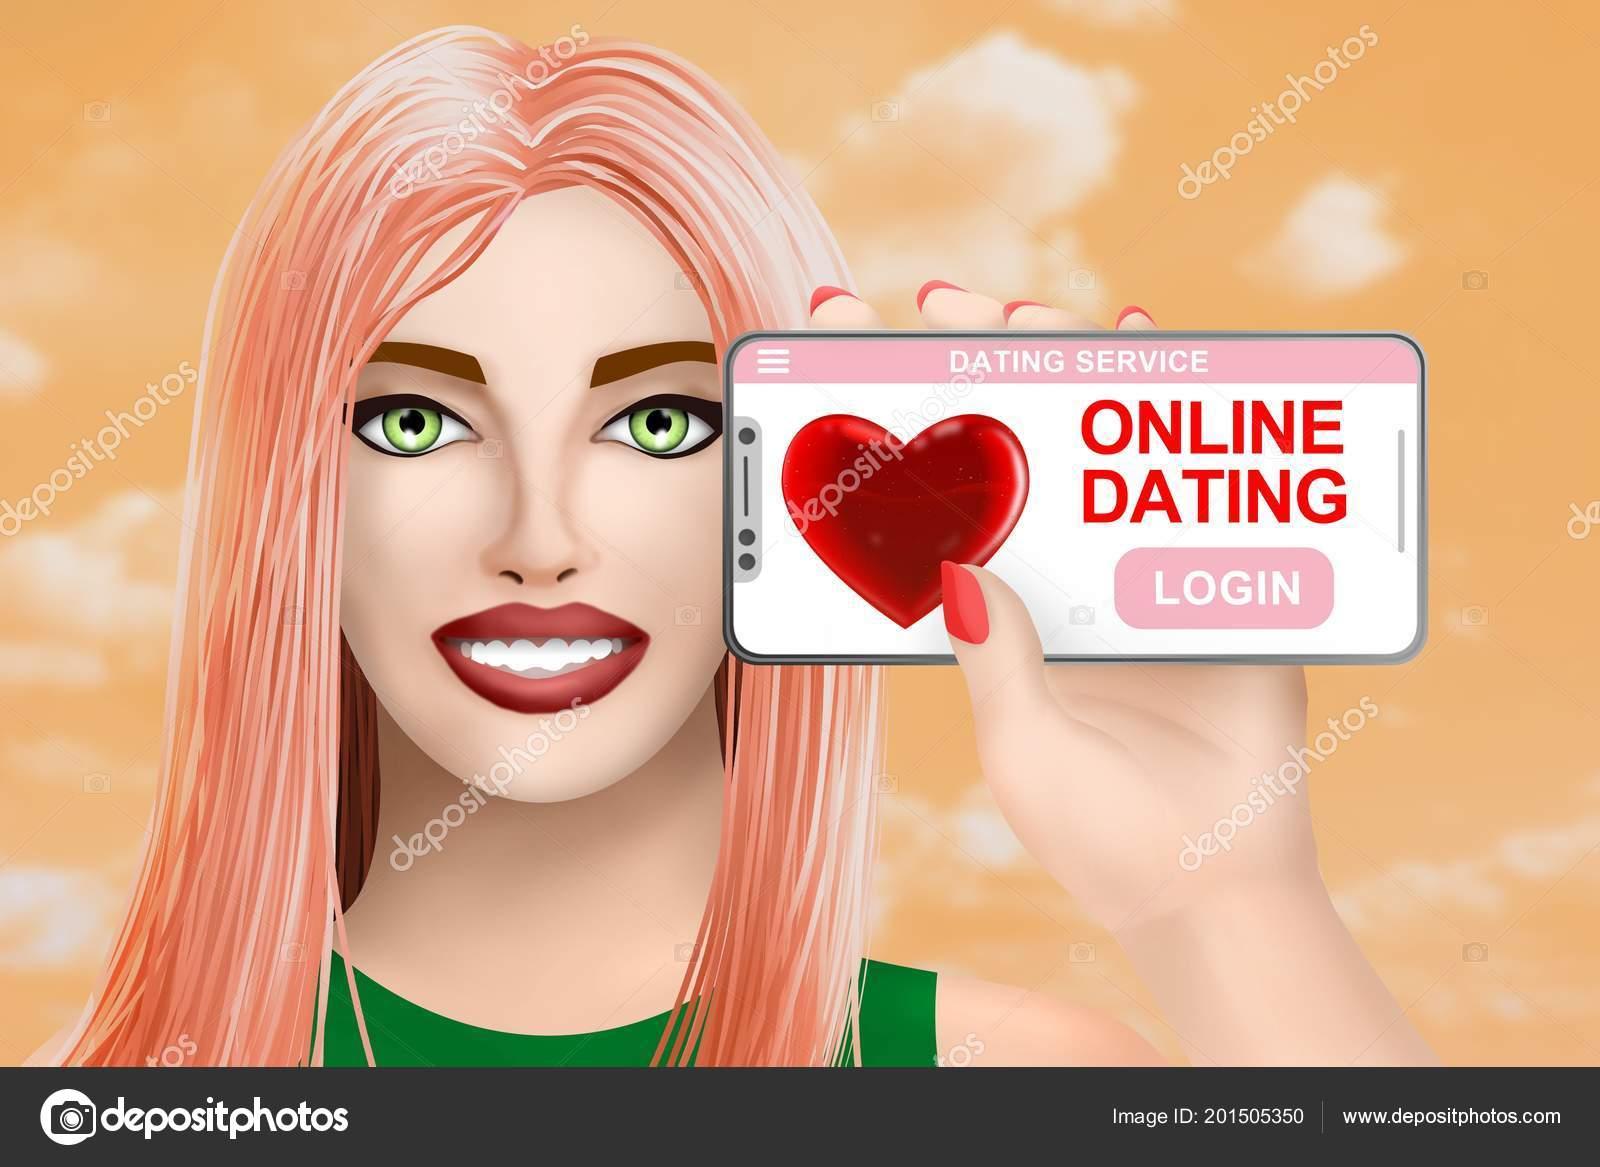 Online dating fight scene girls